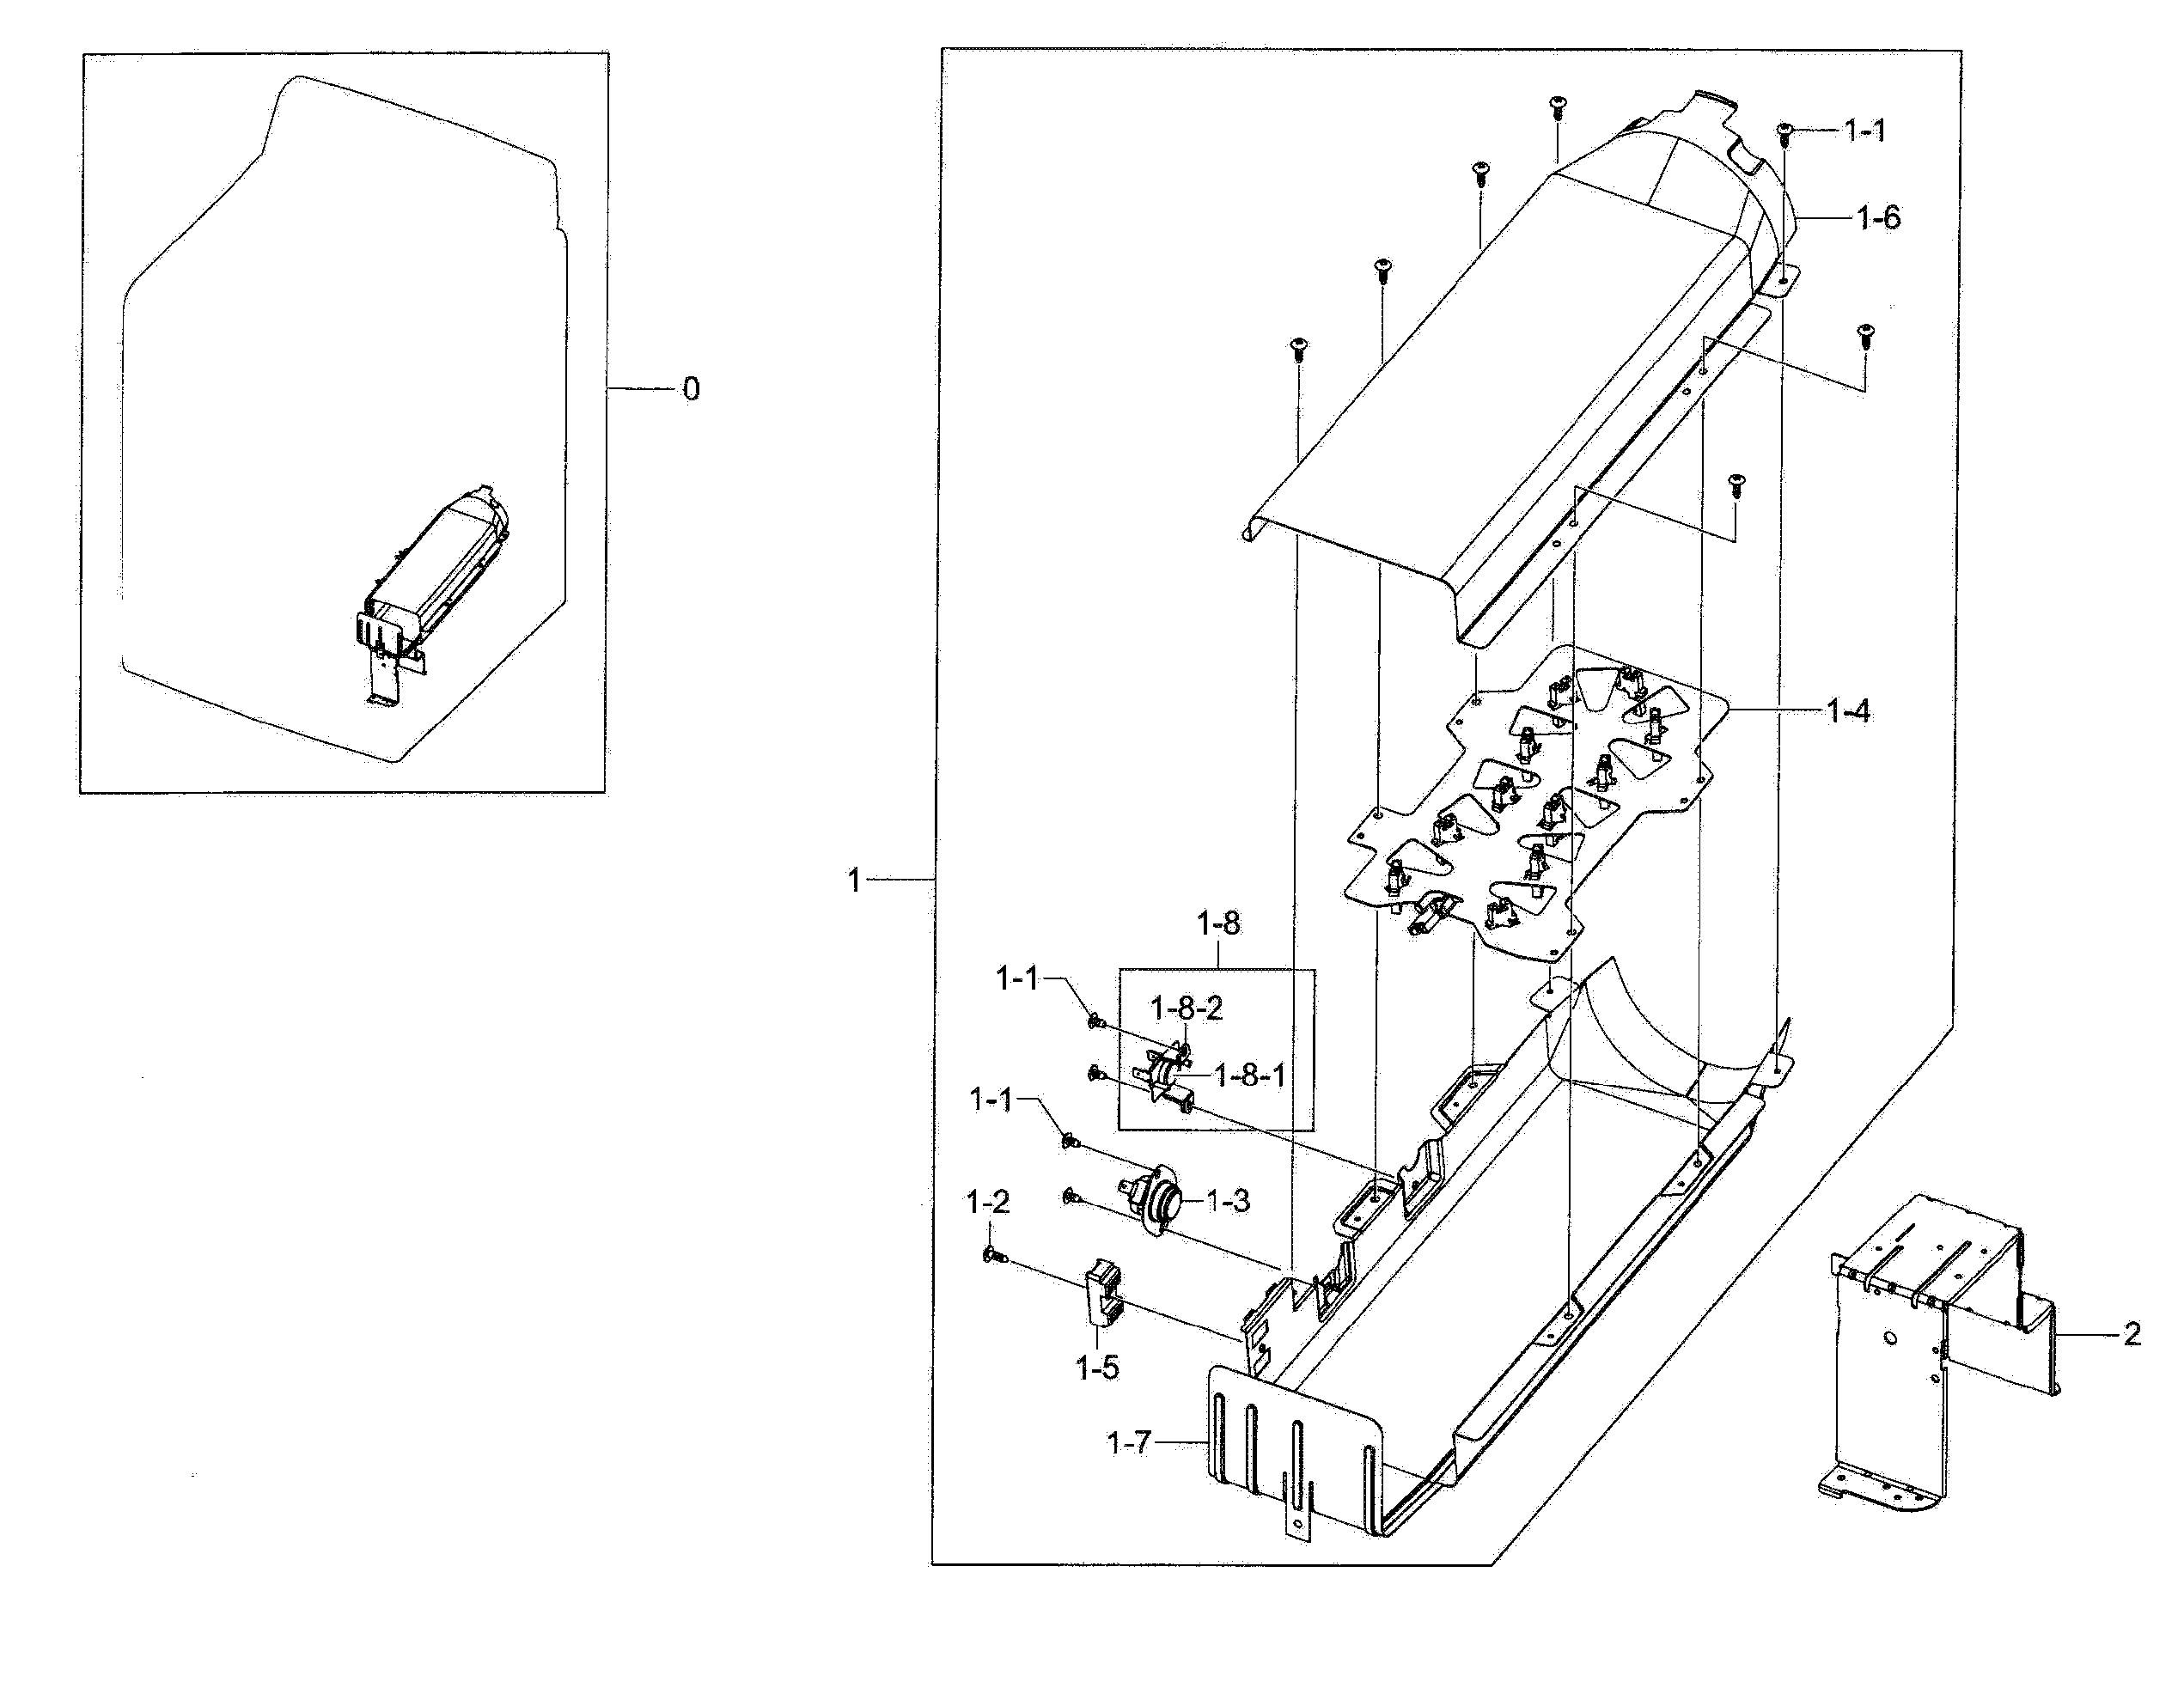 Dv45h7000ew A2 Wiring Diagram Samsung Dv48h7400ew A2 00 Dryer Parts Of Dv45h7000ew A2 Wiring Diagram